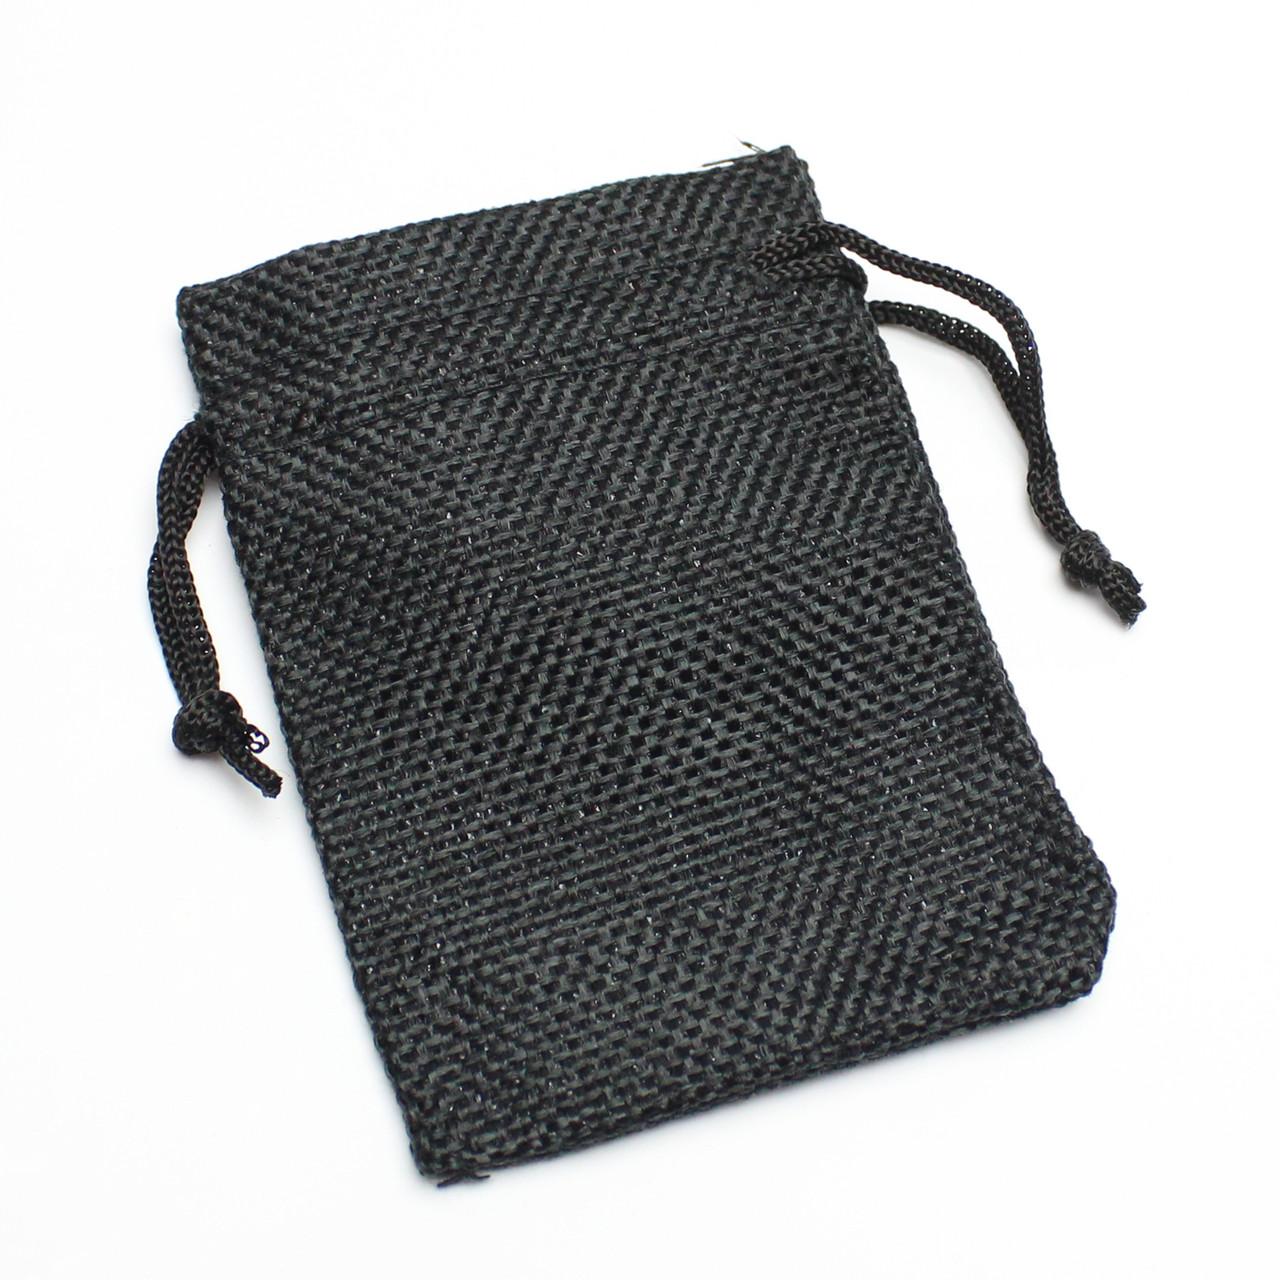 Мешок тканевый лен черный  7/9 см